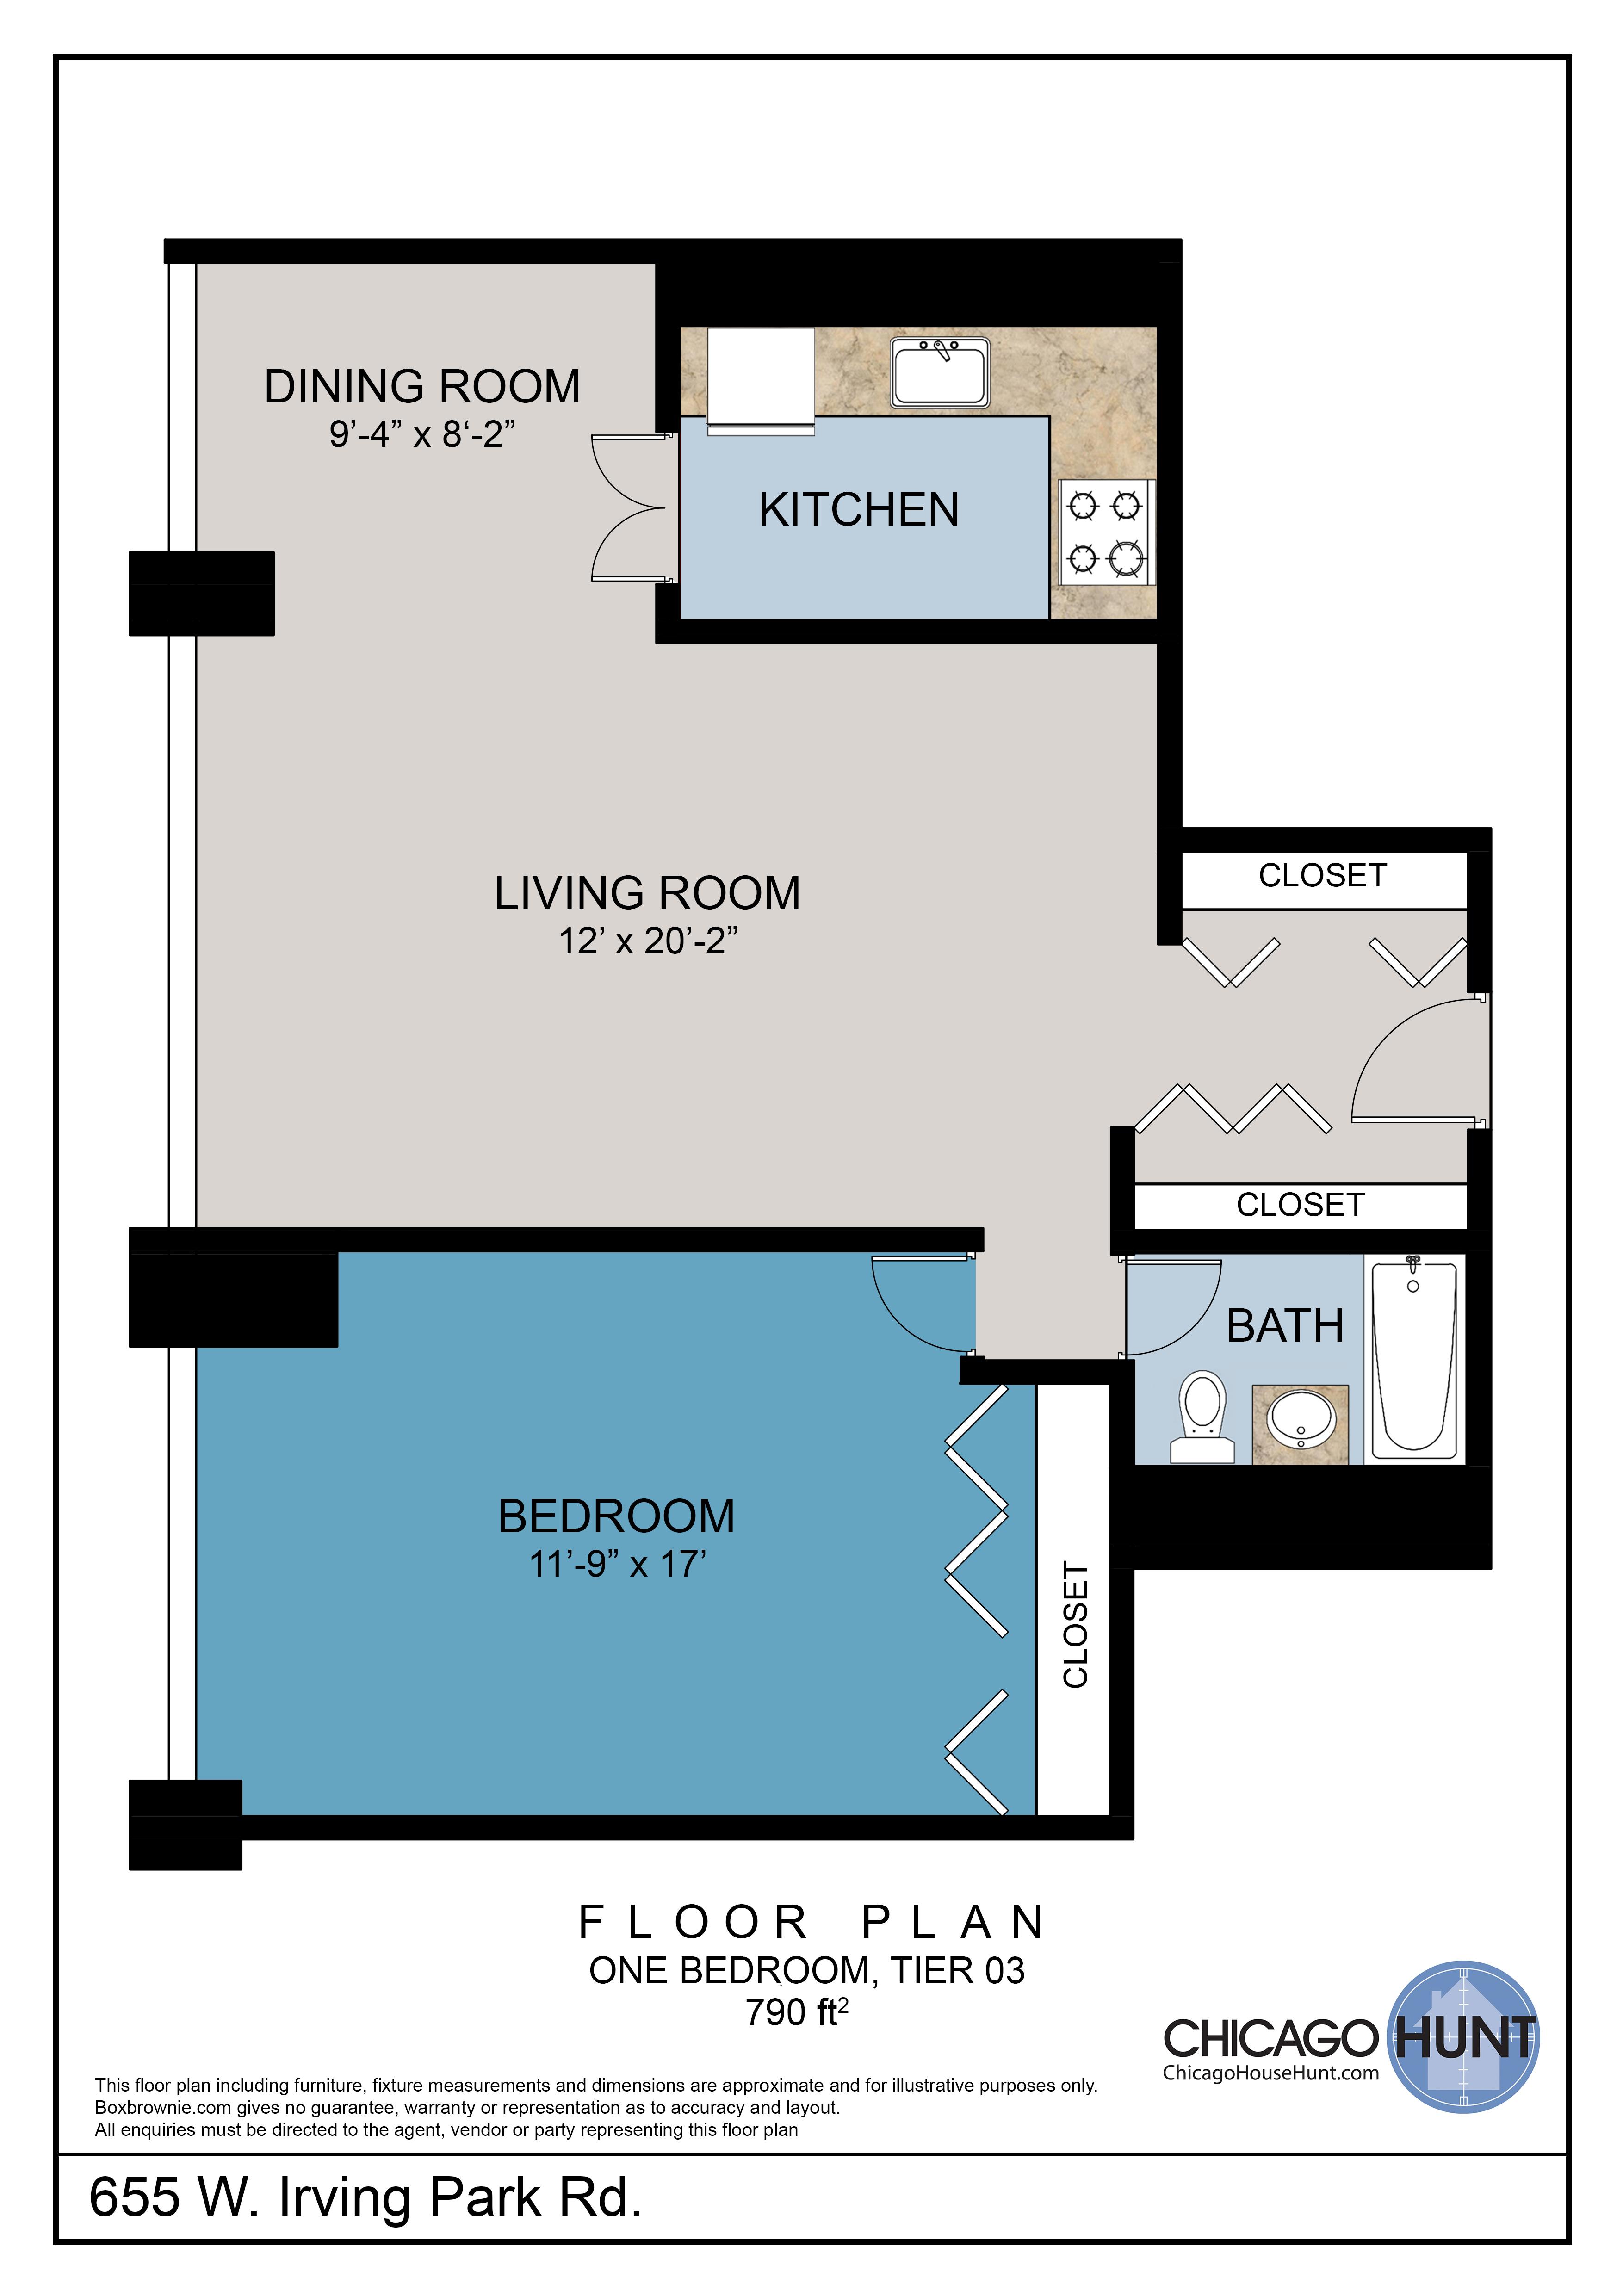 655 Irving Park, Park Place Towere - Floor Plan - Tier 03